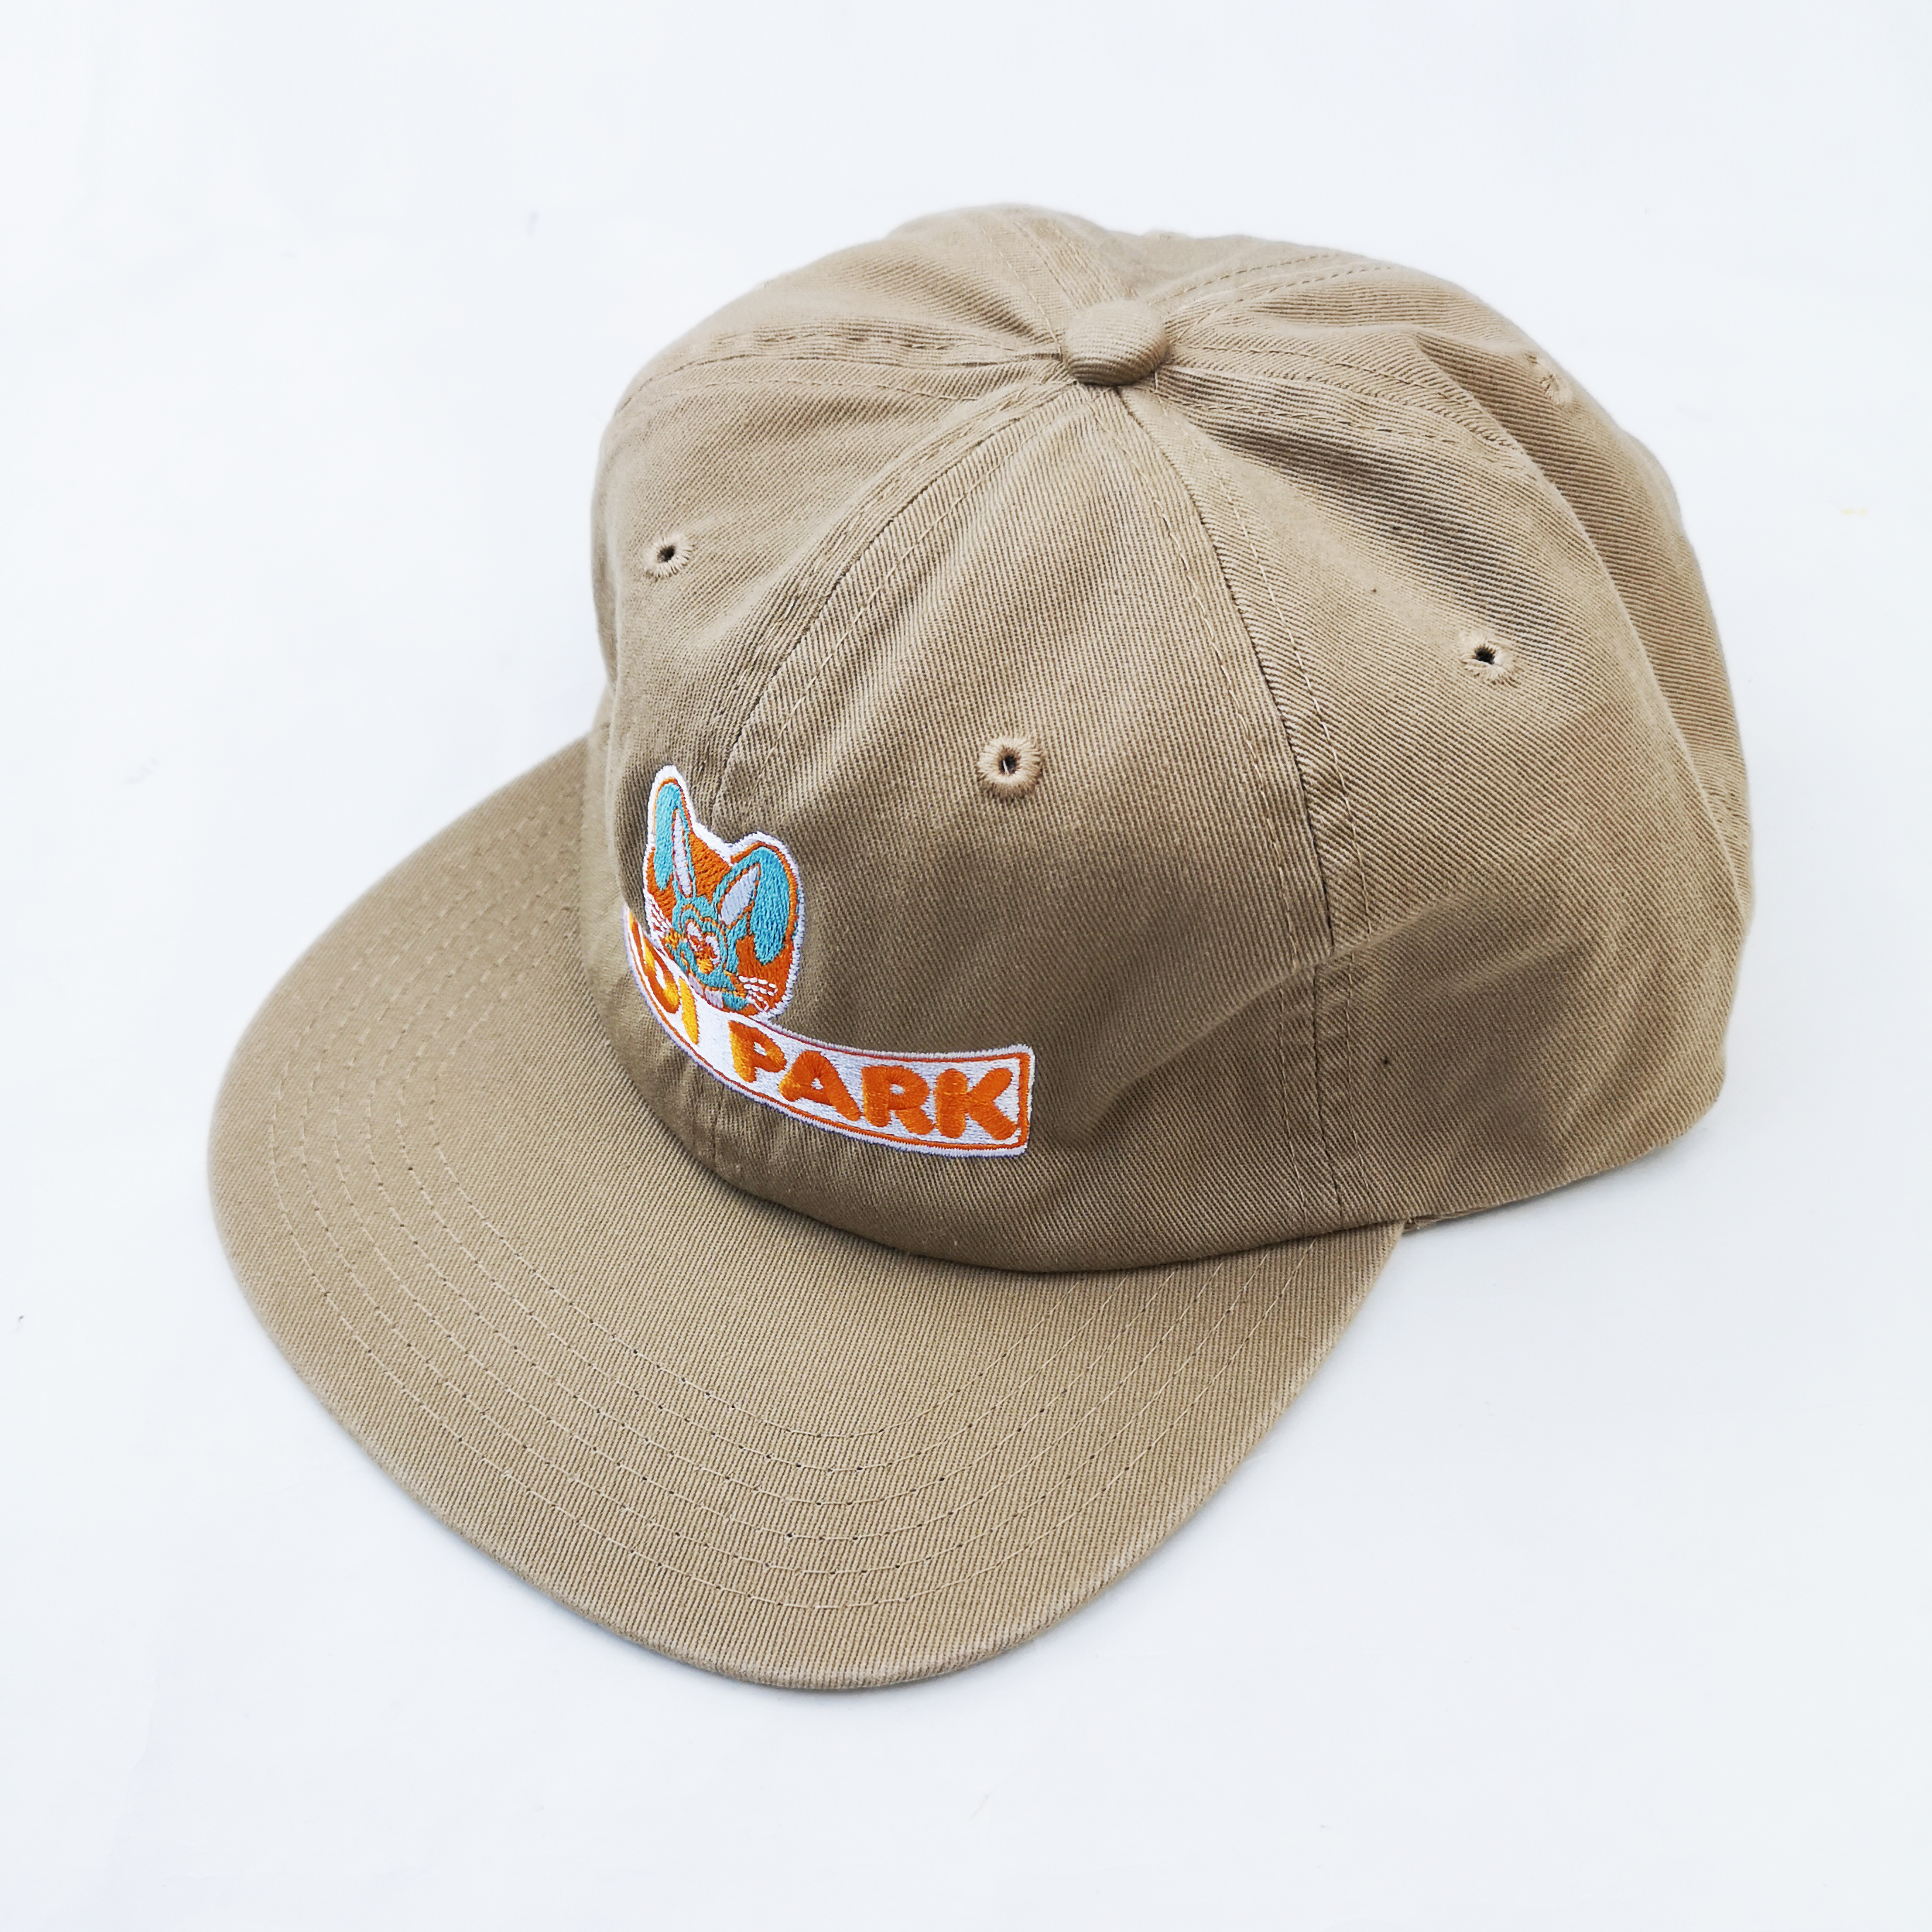 DADI PARK CAP BEIGE